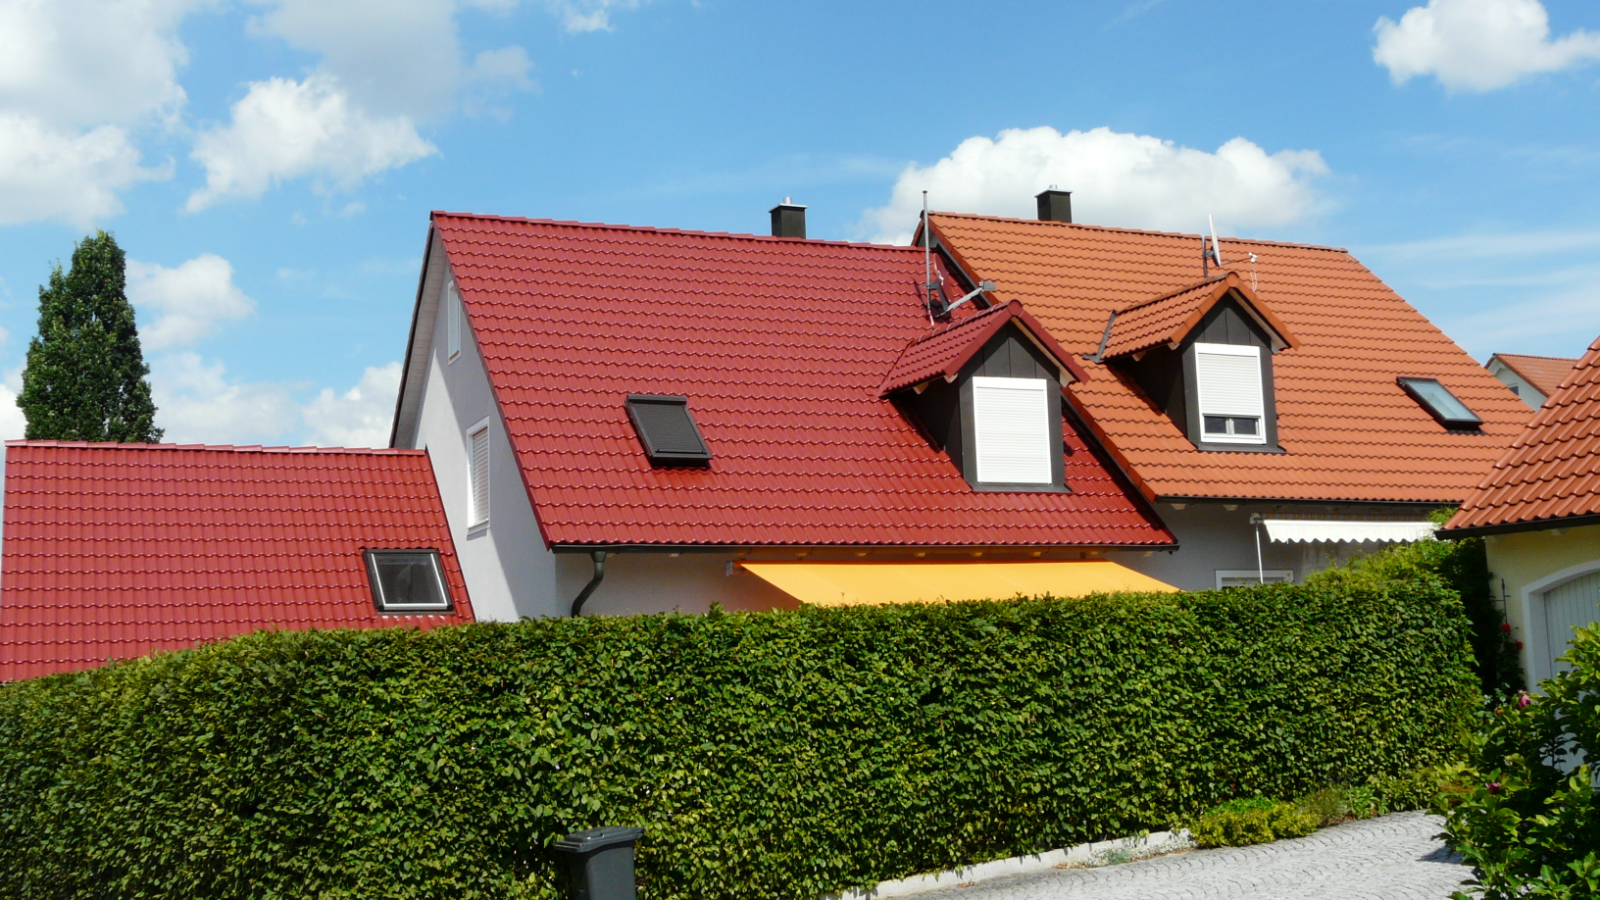 Dachbeschichtung Arbeit der Dachbeschichtungsfirma Bauko Robert Demmelmair Vorher und Nachher